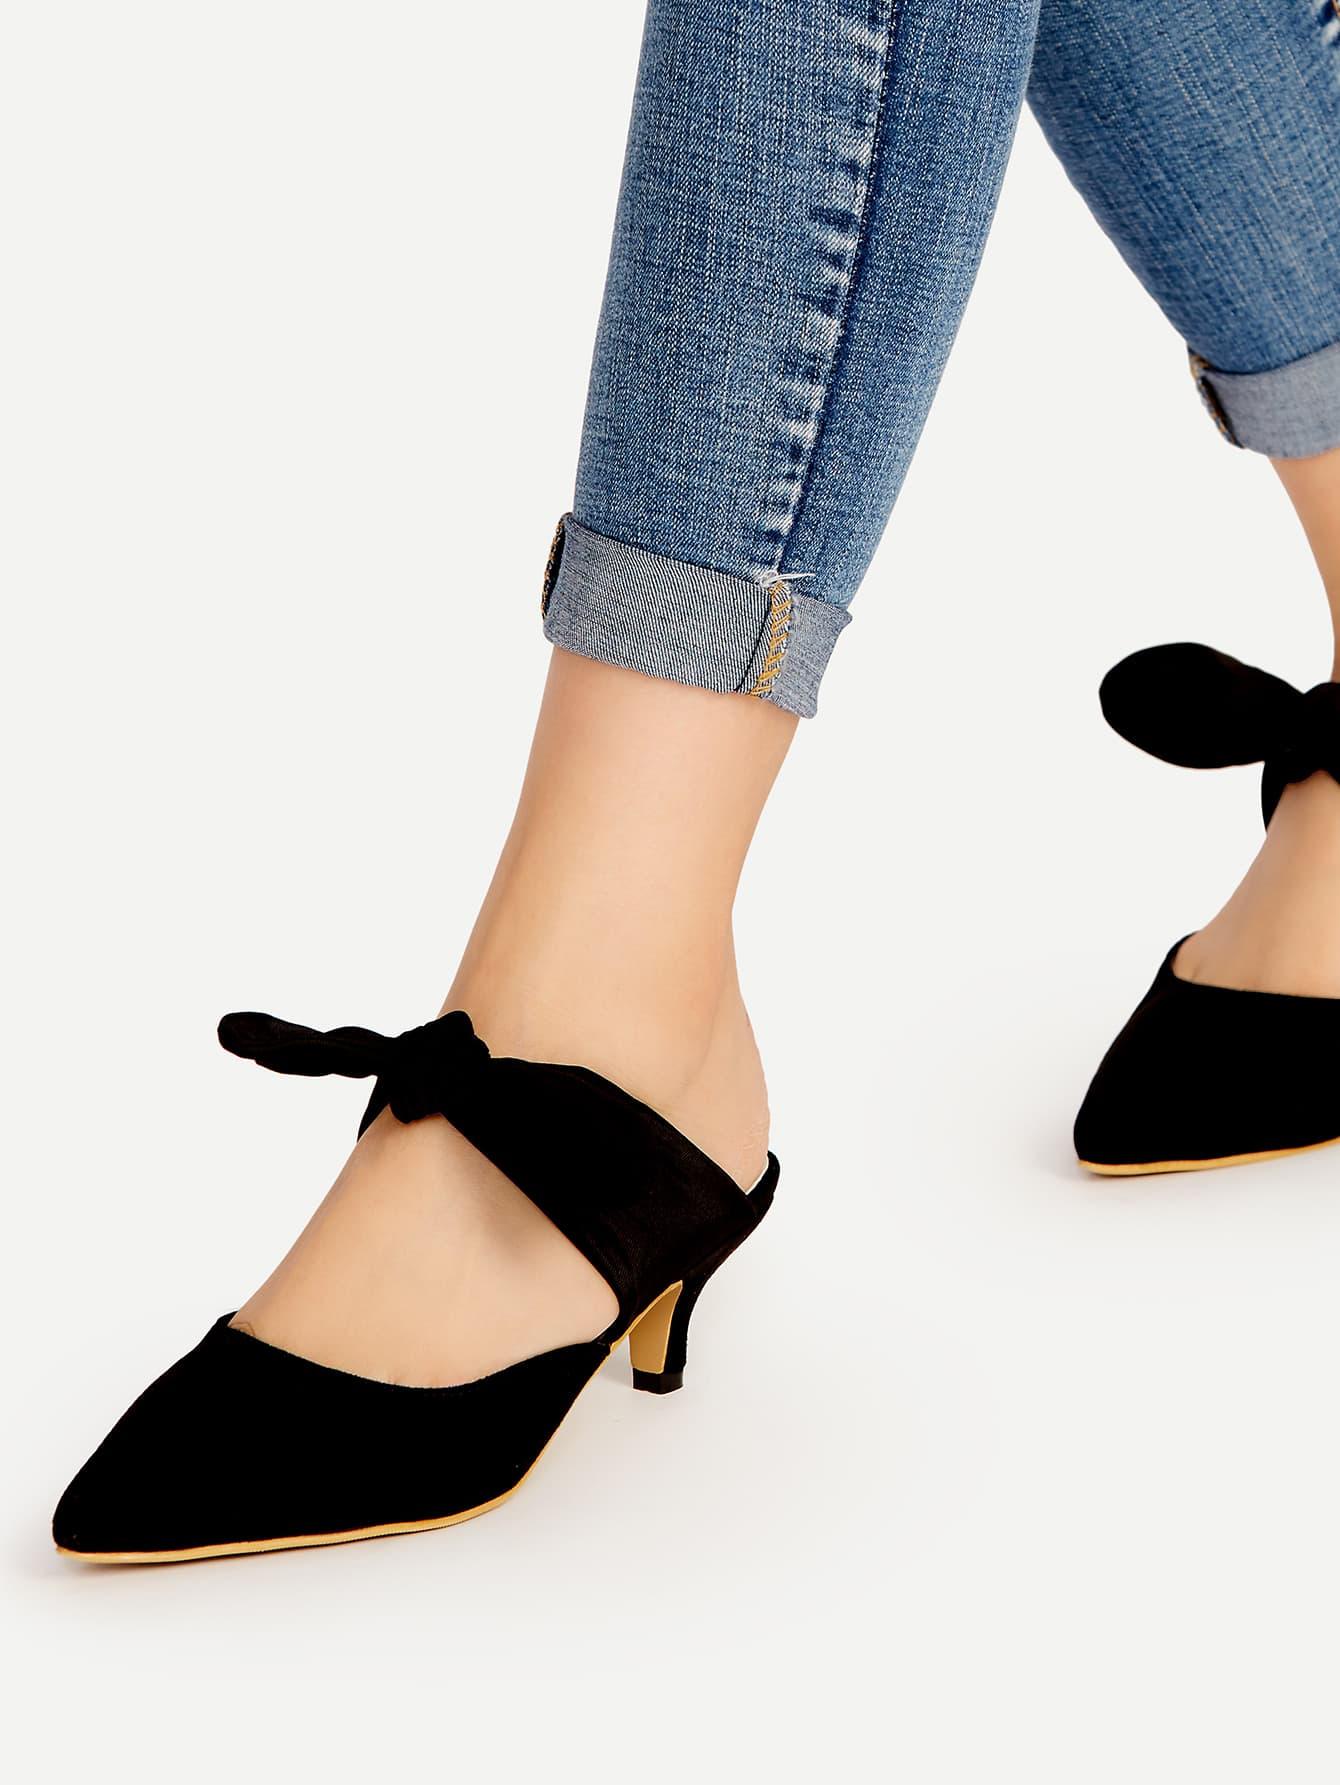 shoes170324808_2